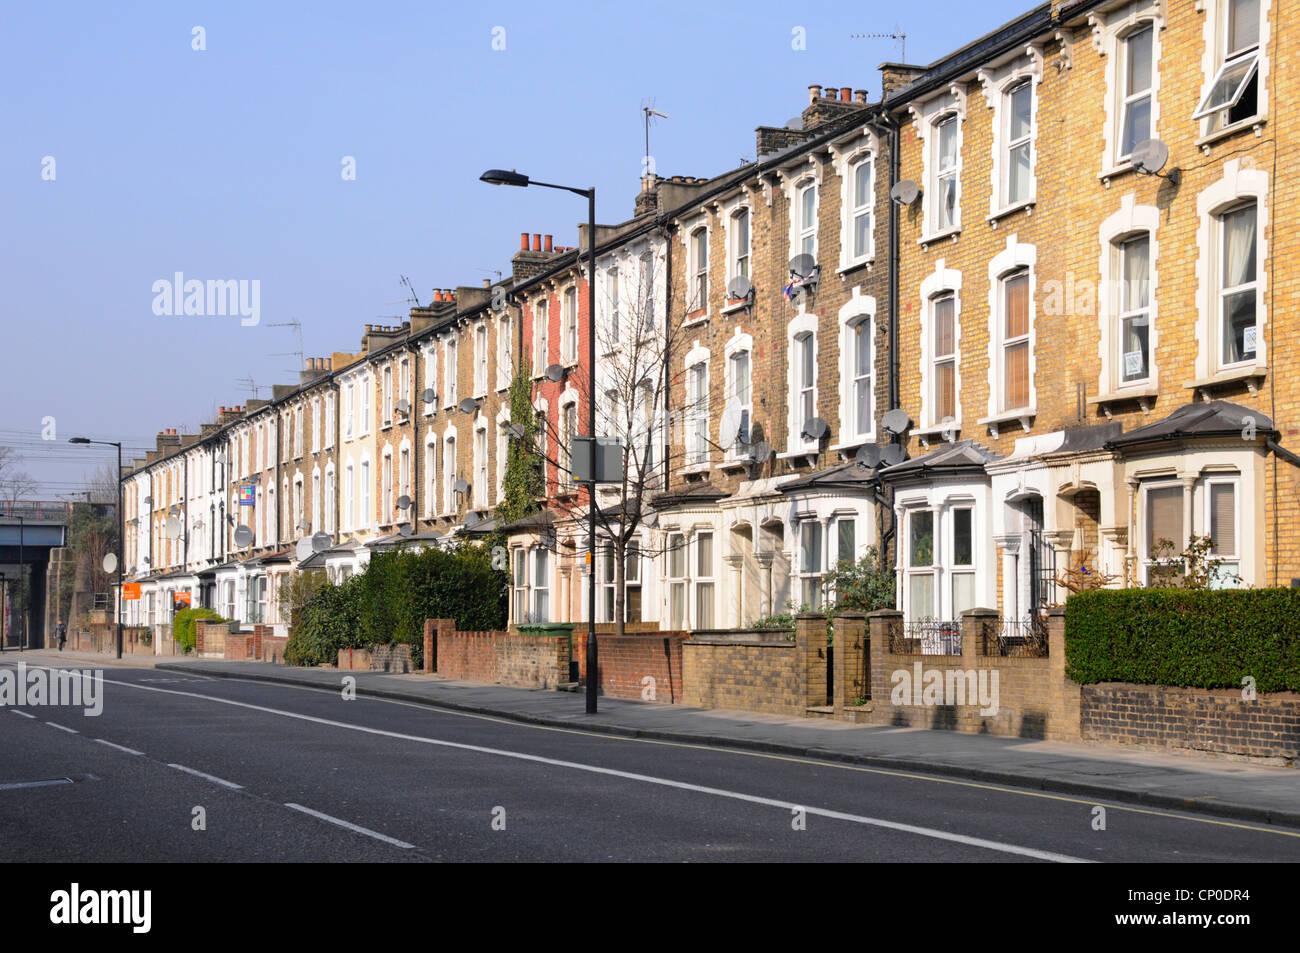 Lange Reihe von alten 3-stöckiges Reihenhaus Wohnungen & Appartements ohne parkende Autos in Hackney, London, Stockbild